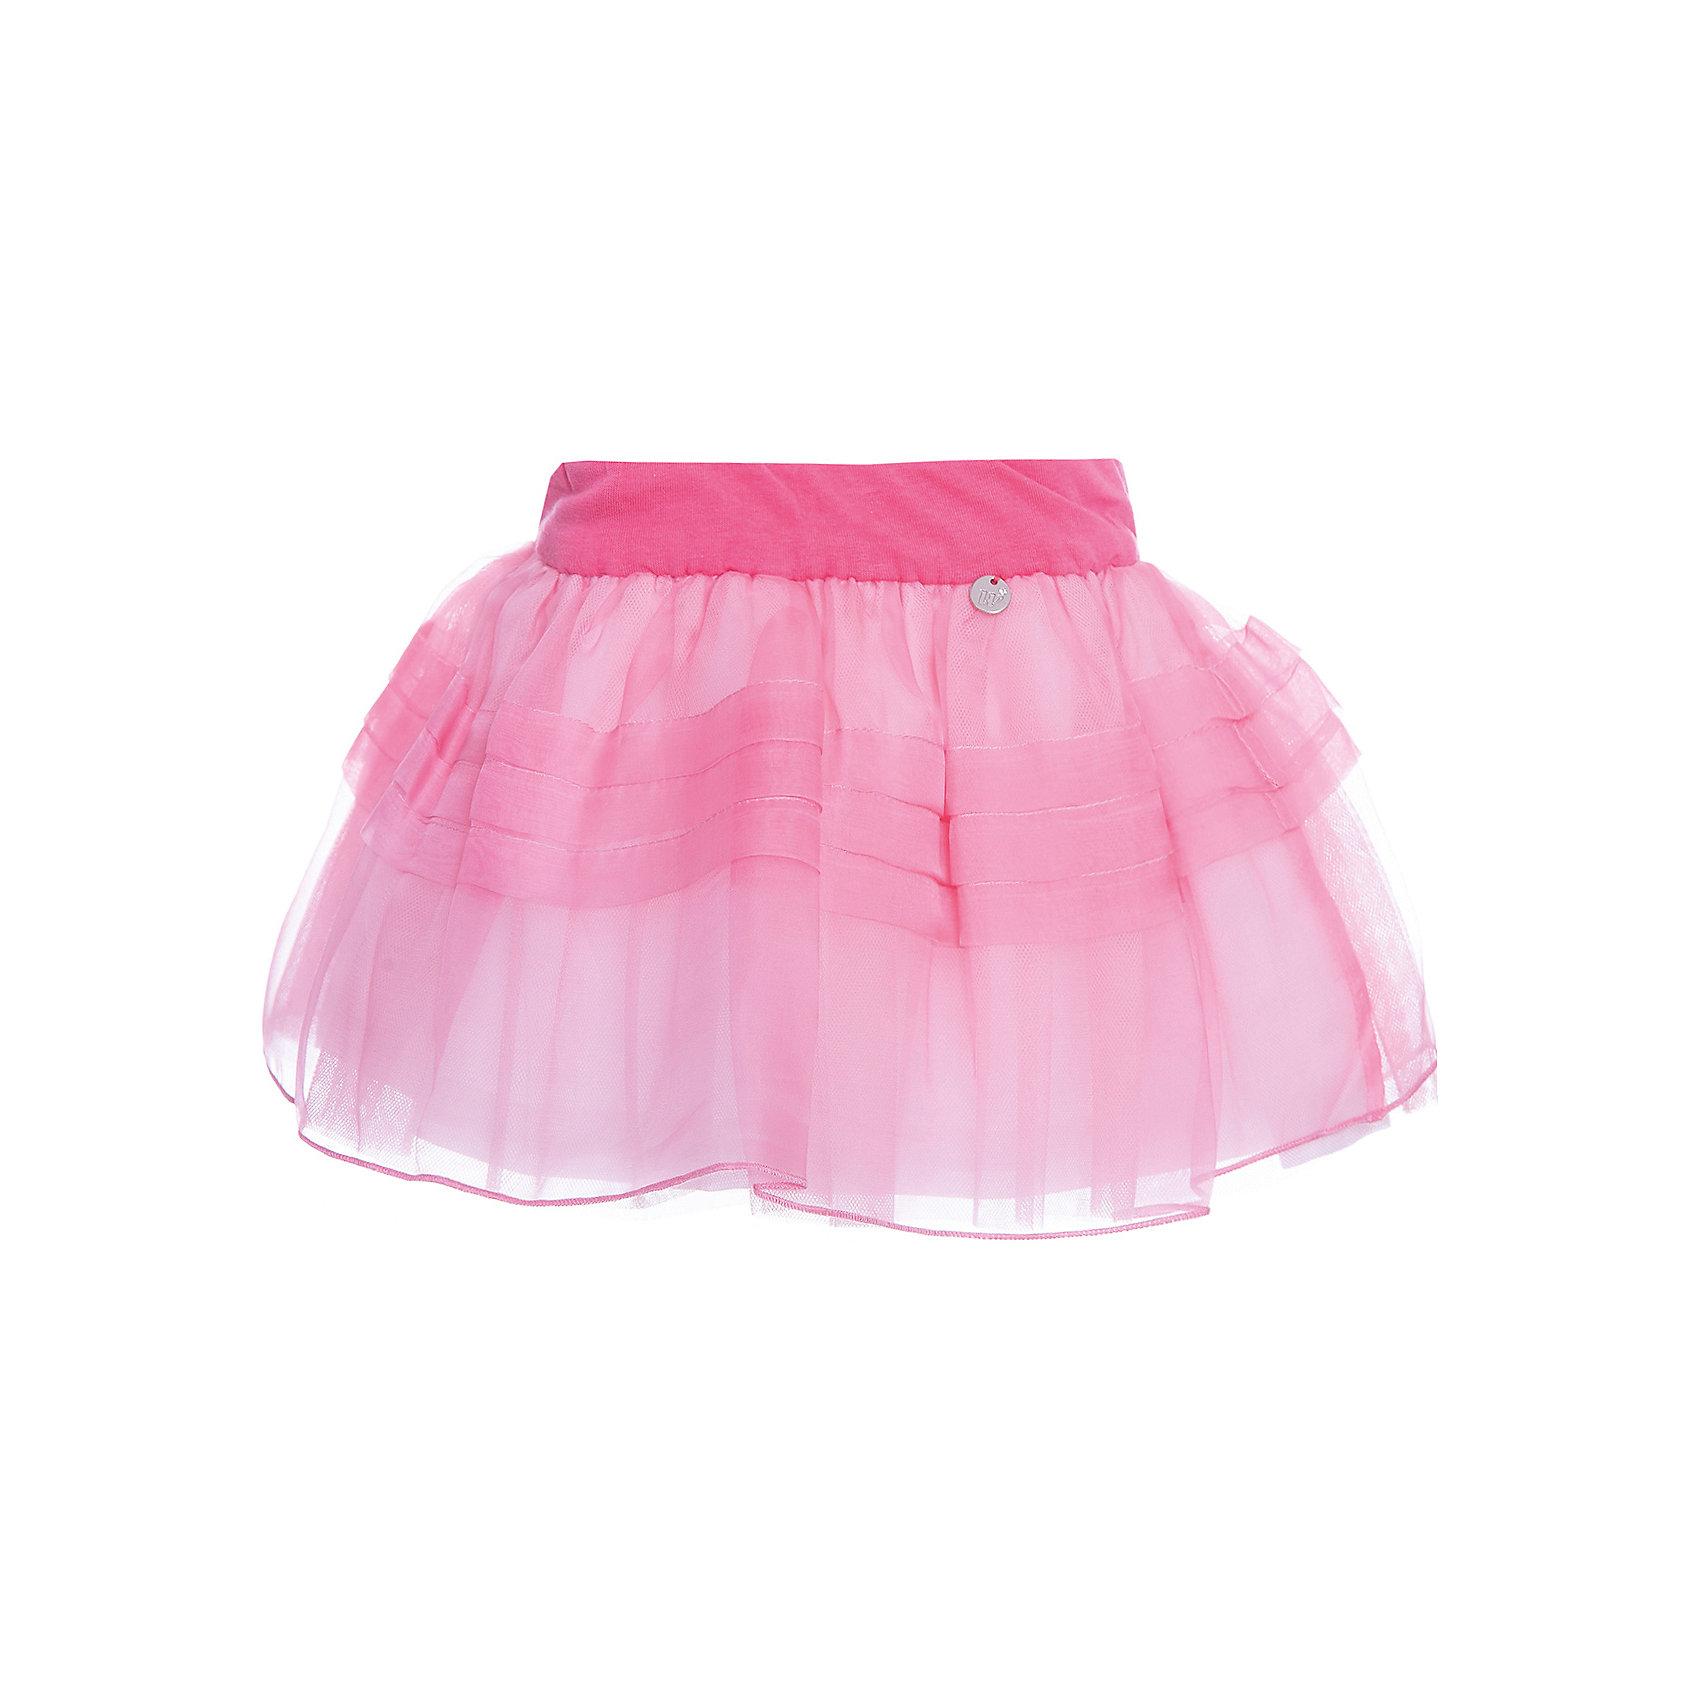 Юбка для девочки WojcikЮбки<br>Характеристики товара:<br><br>• цвет: розовый<br>• состав ткани: хлопок<br>• пояс: резинка<br>• сезон: лето<br>• страна бренда: Польша<br>• страна изготовитель: Польша<br><br>Такая модель детской одежды сделана из качественного материала, есть подкладка. Розовая юбка для девочки Wojcik - удобная и модная школьная одежда. <br><br>Эта юбка для девочки Войчик отличается модным кроем, пышным силуэтом. Польская одежда для детей от бренда Войчик - это качественные и стильные вещи.<br><br>Юбку для девочки Wojcik (Войчик) можно купить в нашем интернет-магазине.<br><br>Ширина мм: 207<br>Глубина мм: 10<br>Высота мм: 189<br>Вес г: 183<br>Цвет: розовый<br>Возраст от месяцев: 3<br>Возраст до месяцев: 6<br>Пол: Женский<br>Возраст: Детский<br>Размер: 68,86,80,74<br>SKU: 5588252